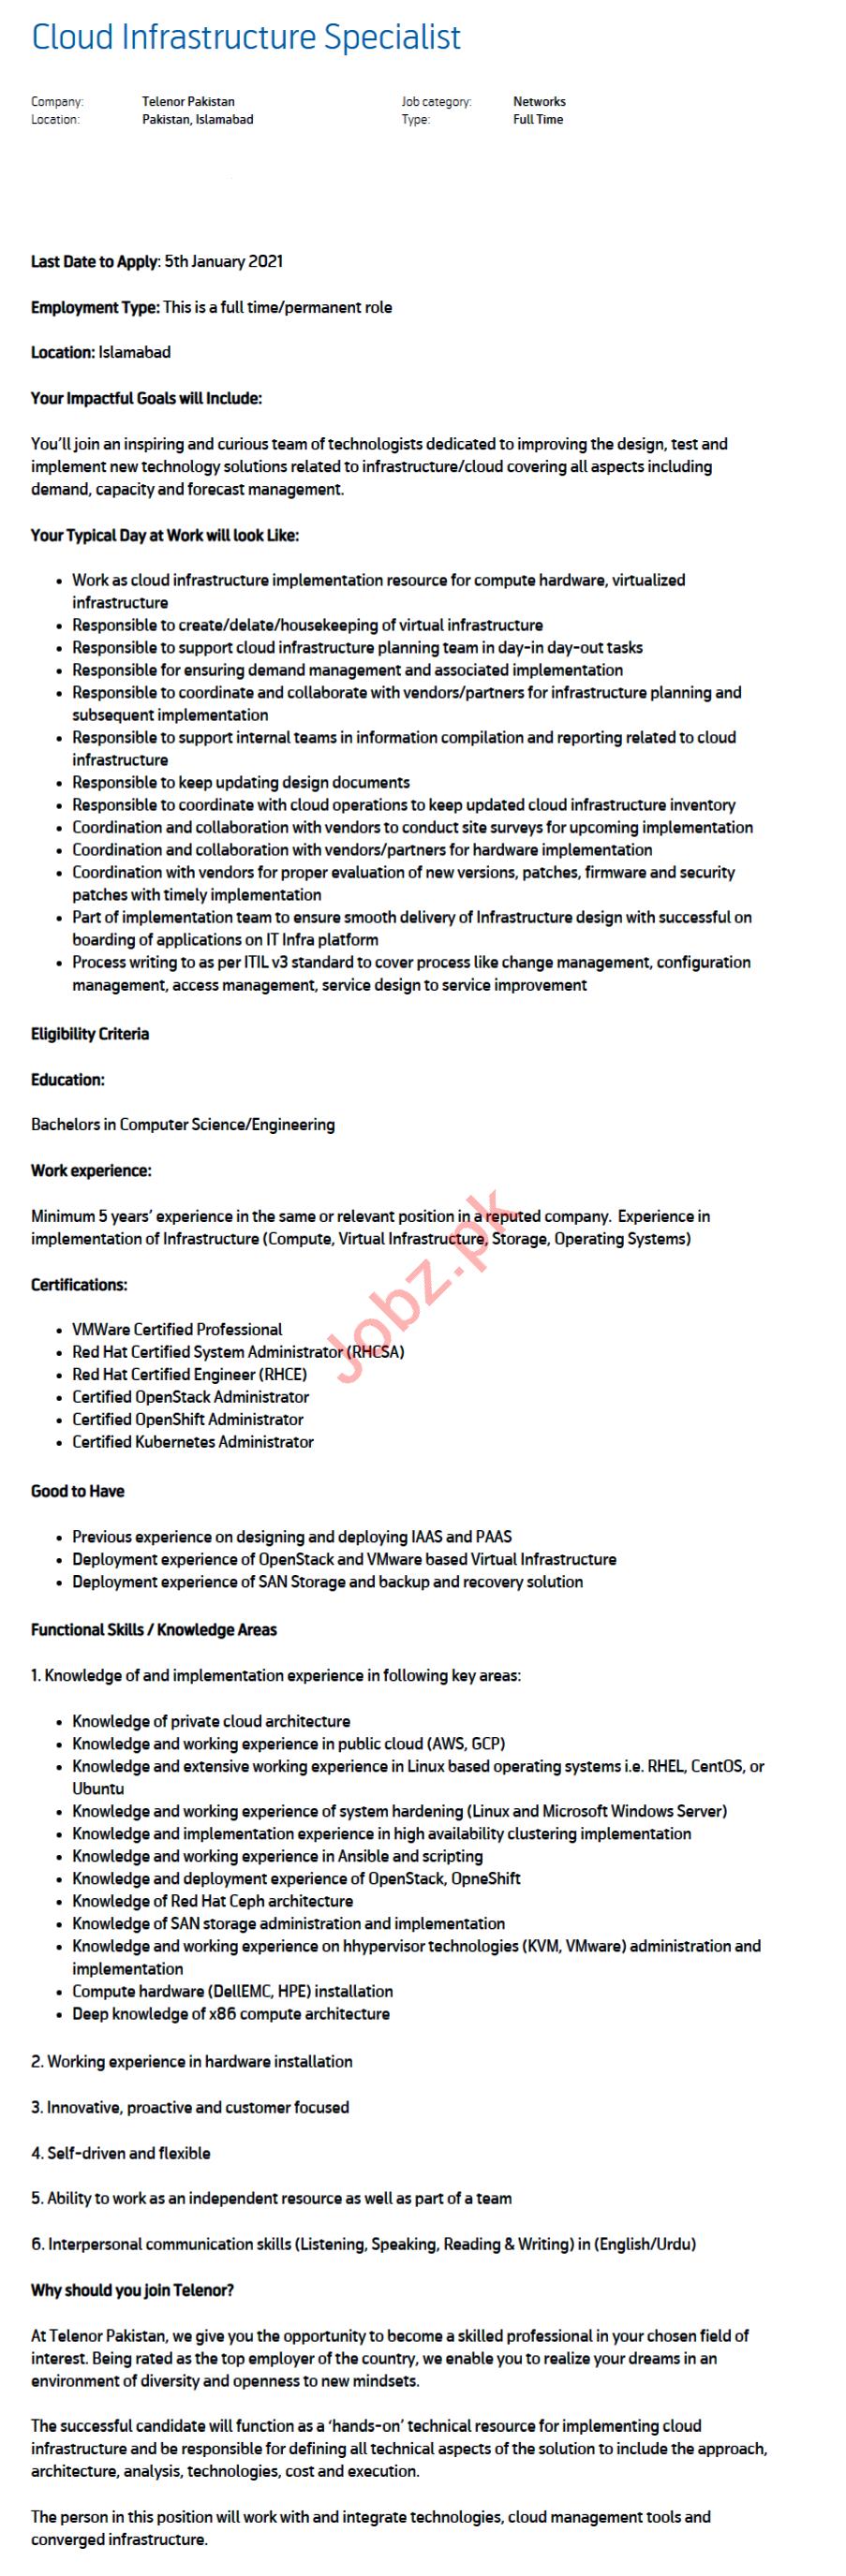 Cloud Infrastructure Specialist Jobs 2021 Telenor Pakistan